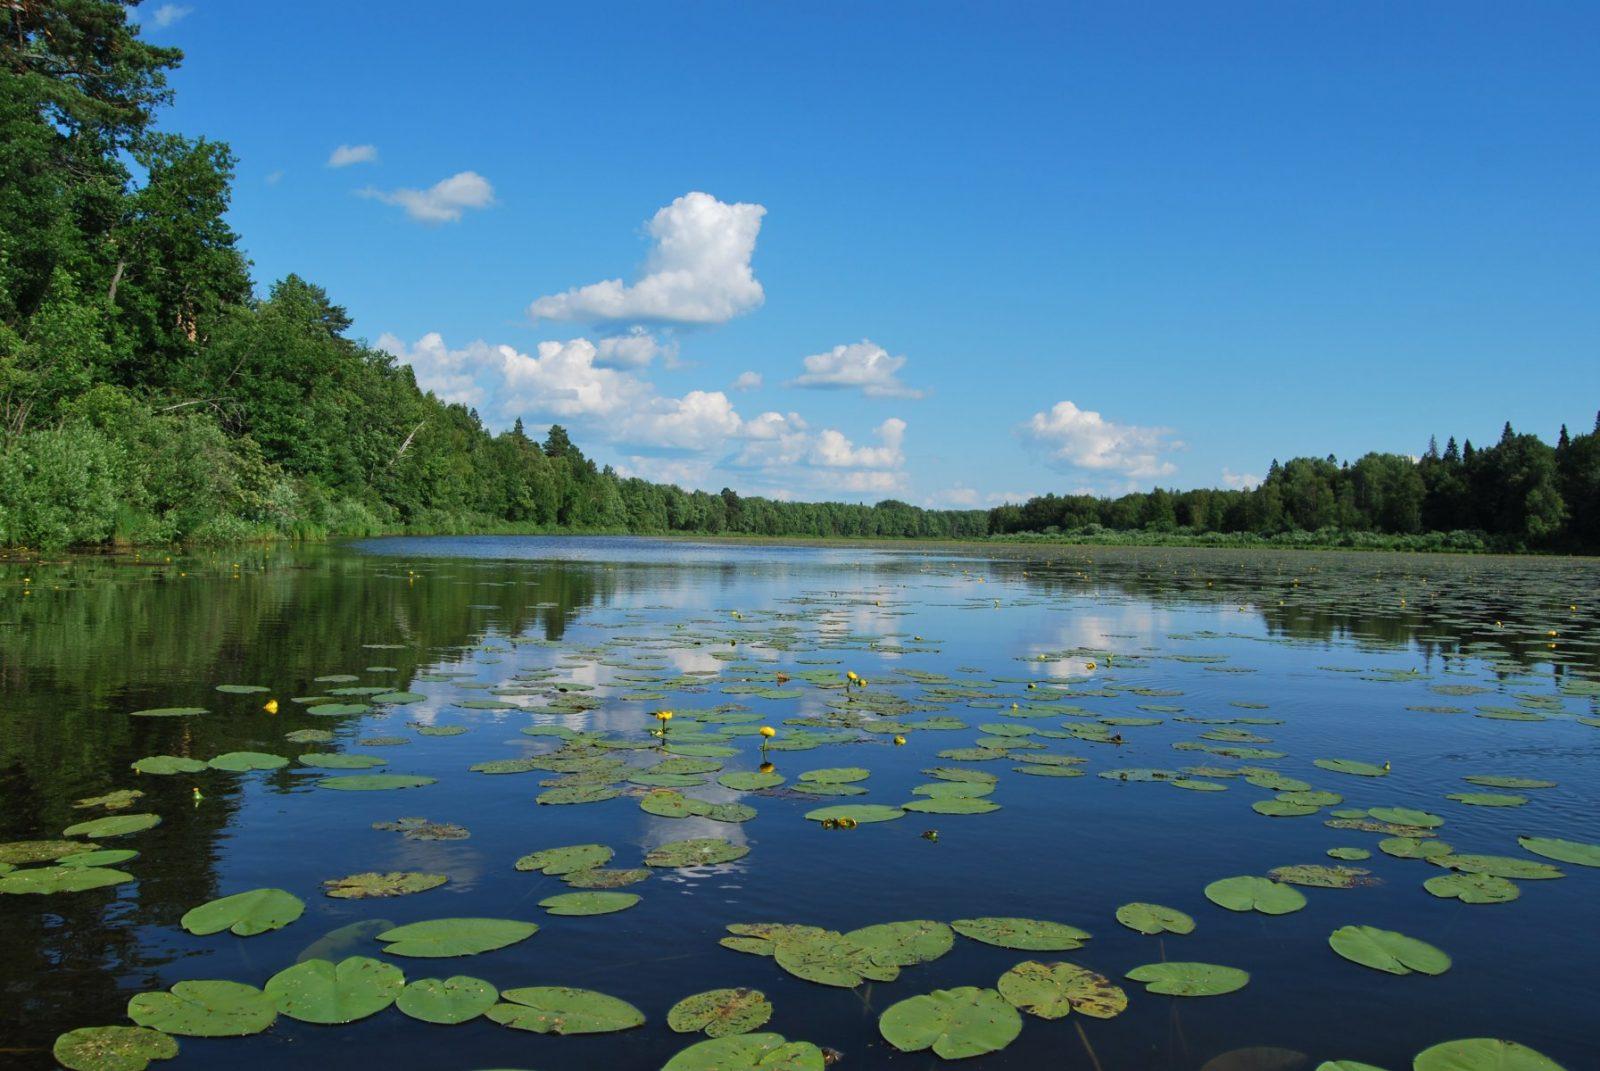 Выставка Голубые озёра - Лето на озере Кривое. Фото Н. Н. Ходырева